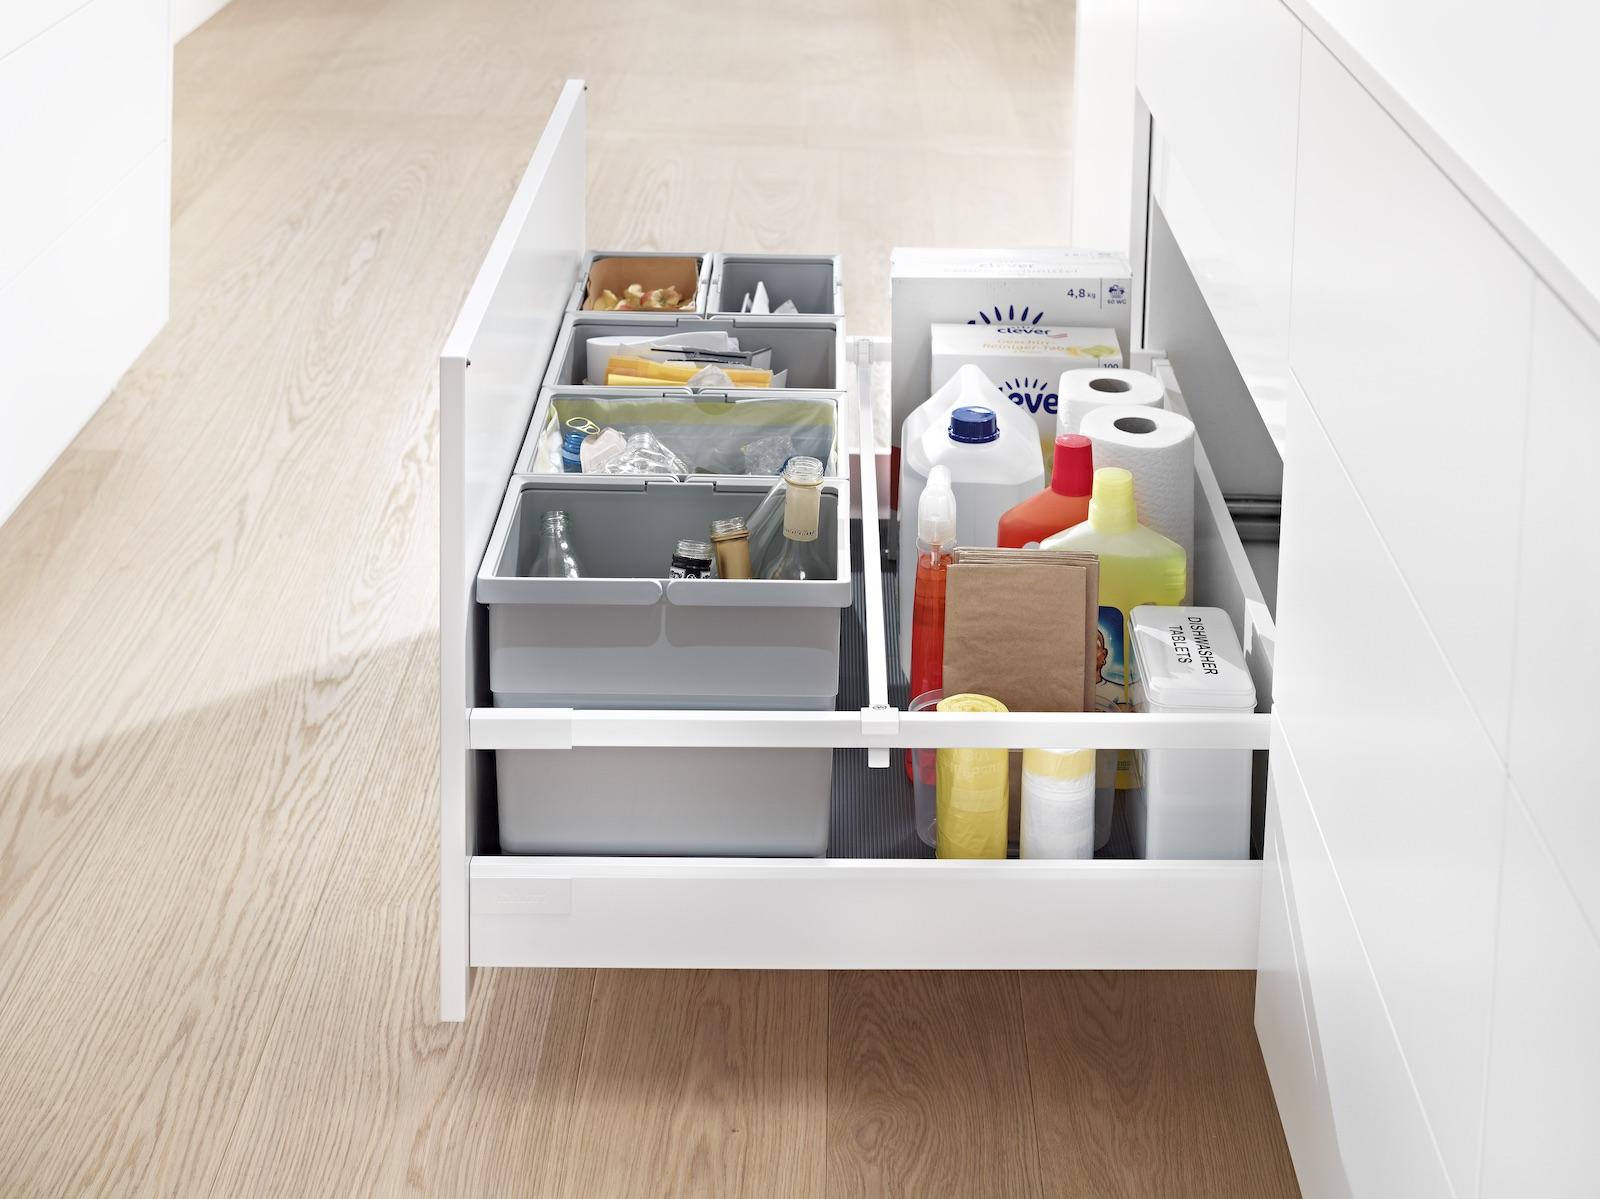 Küchenabfälle entsorgst du sauber und bequem mit einem Müllauszug; Foto: Julius Blum GmbH